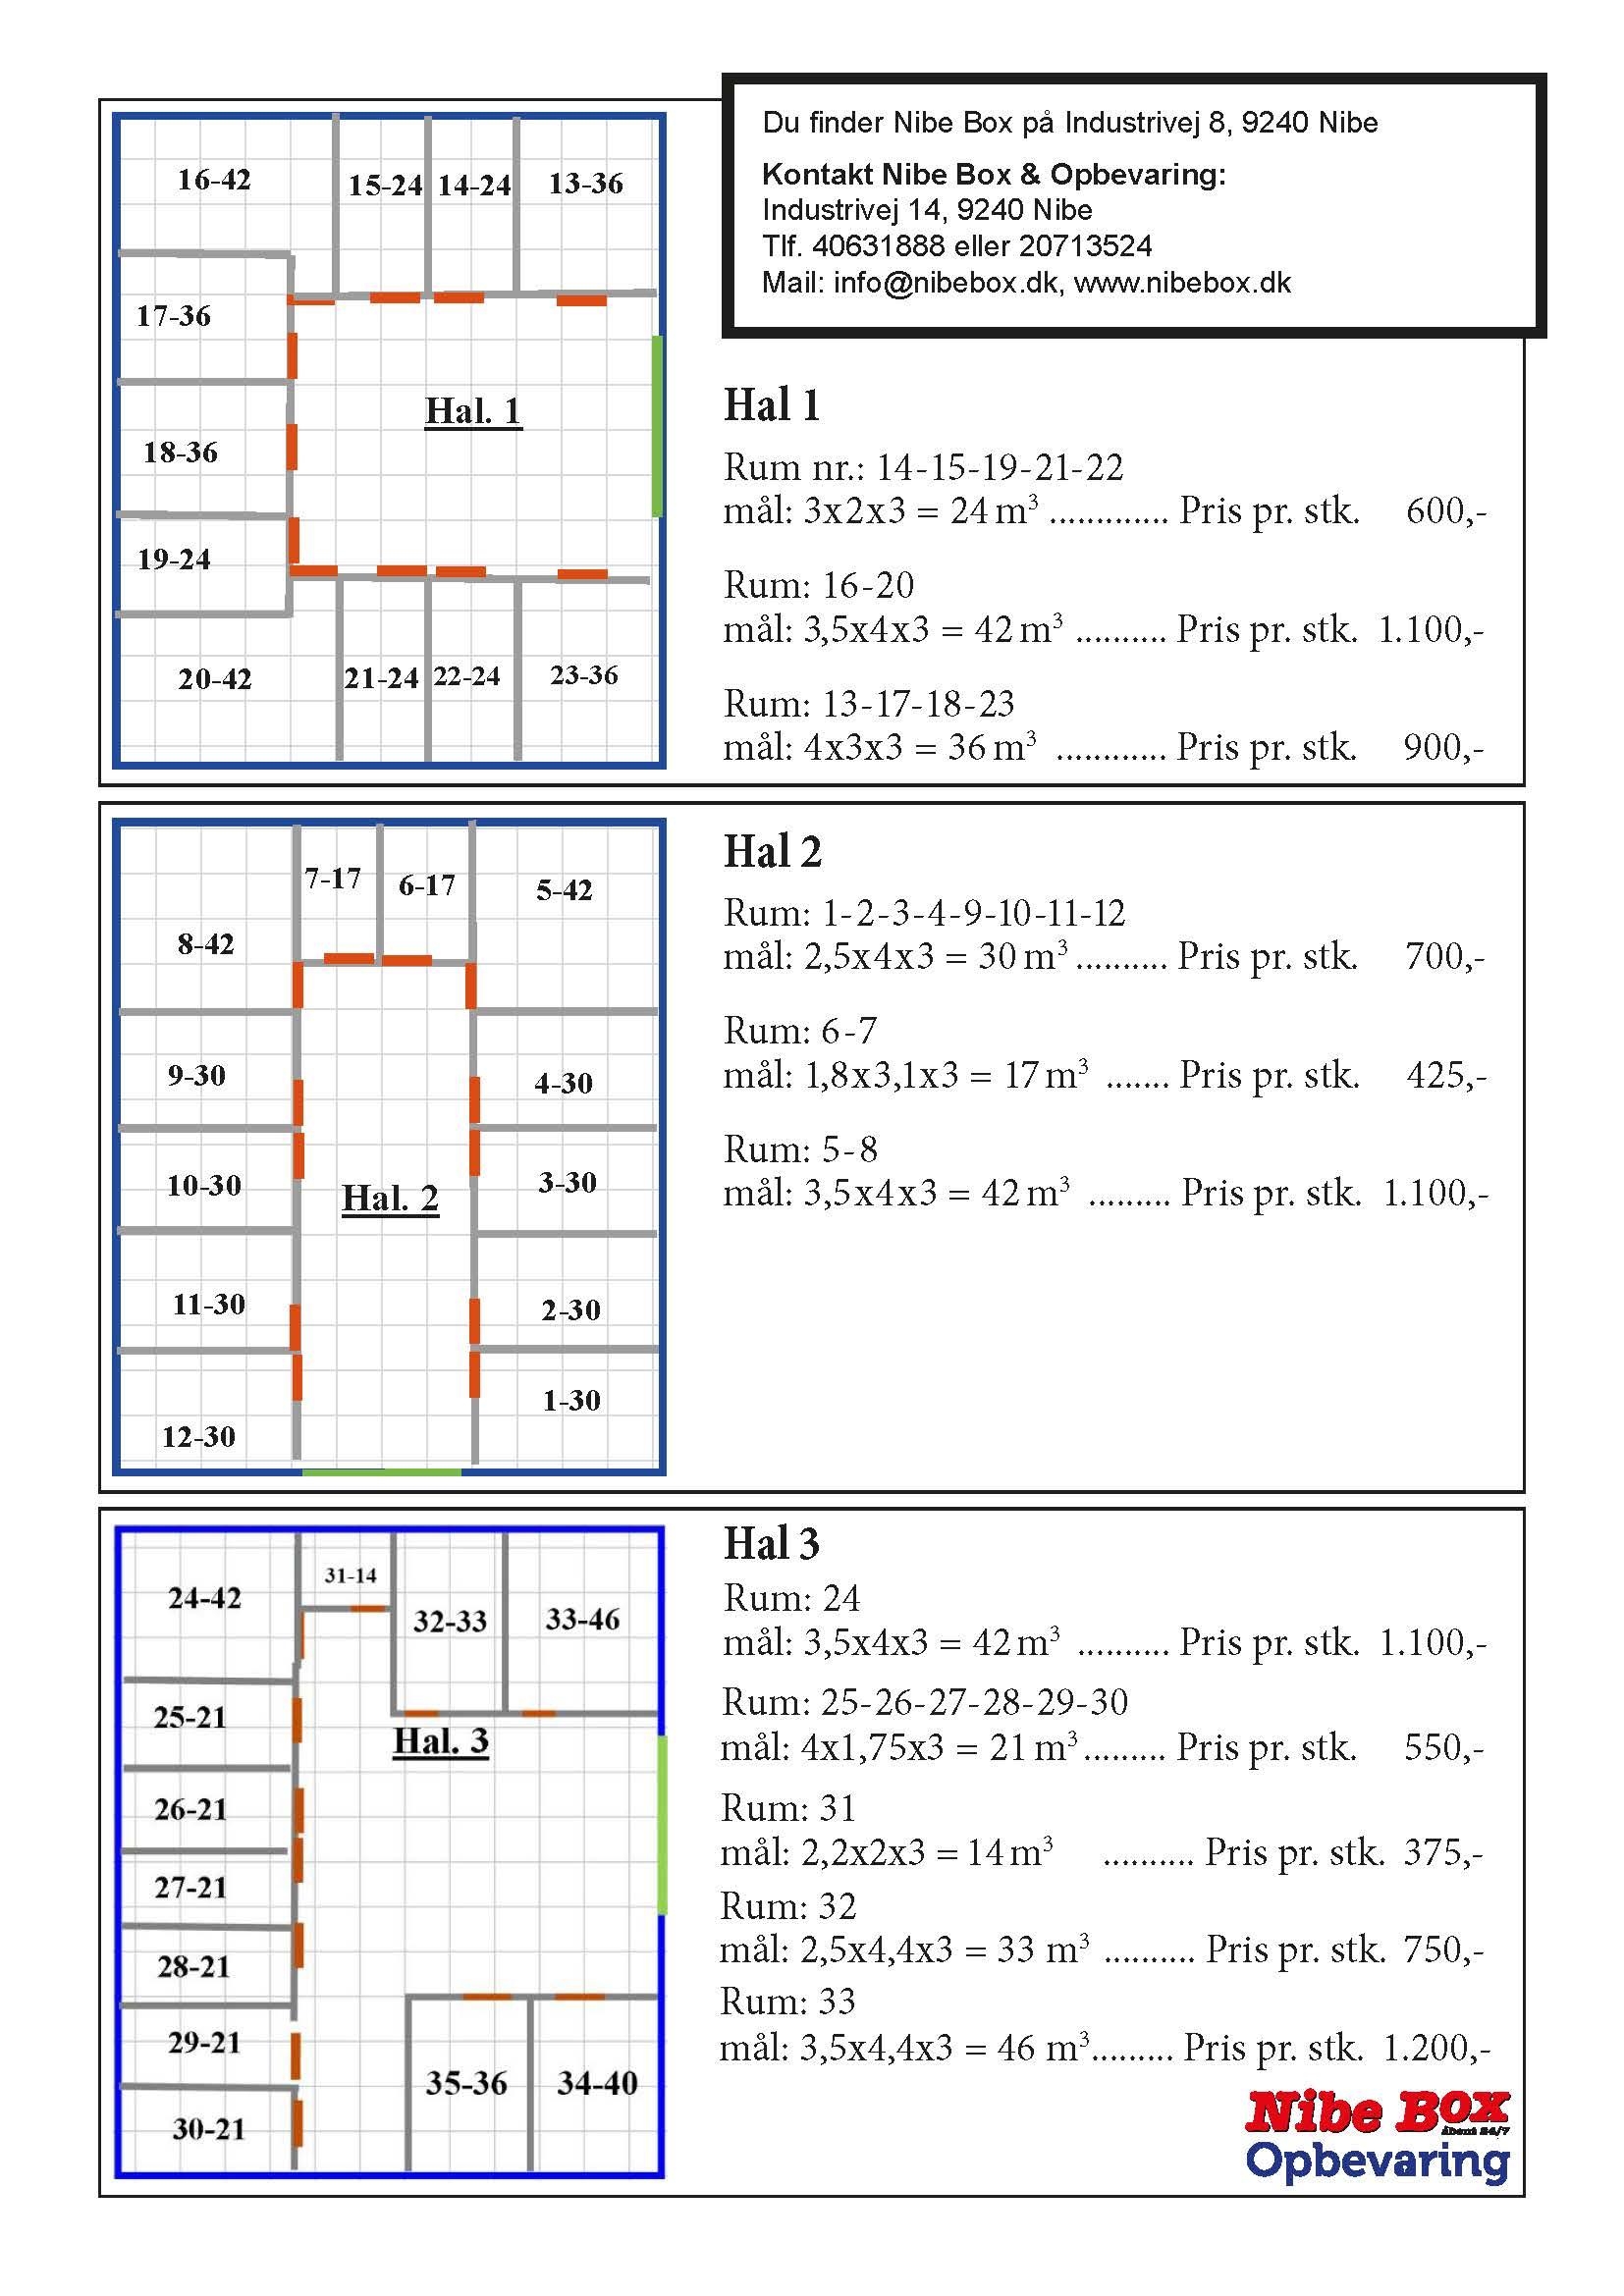 nibe-box-rum-med-maal-og-priser-2021-v2